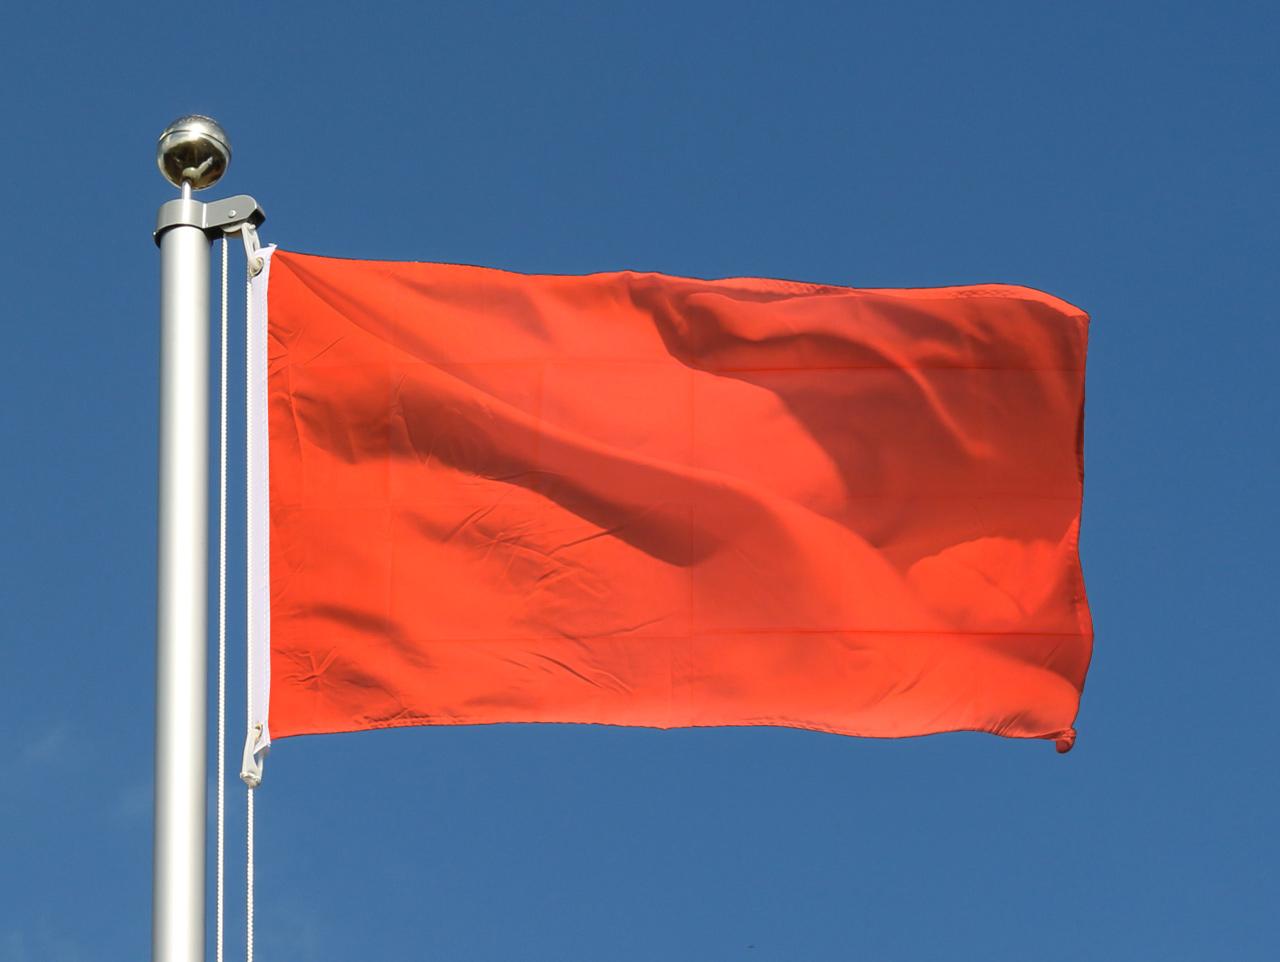 drapeau rouge pas cher 60 x 90 cm monsieur drapeaux. Black Bedroom Furniture Sets. Home Design Ideas